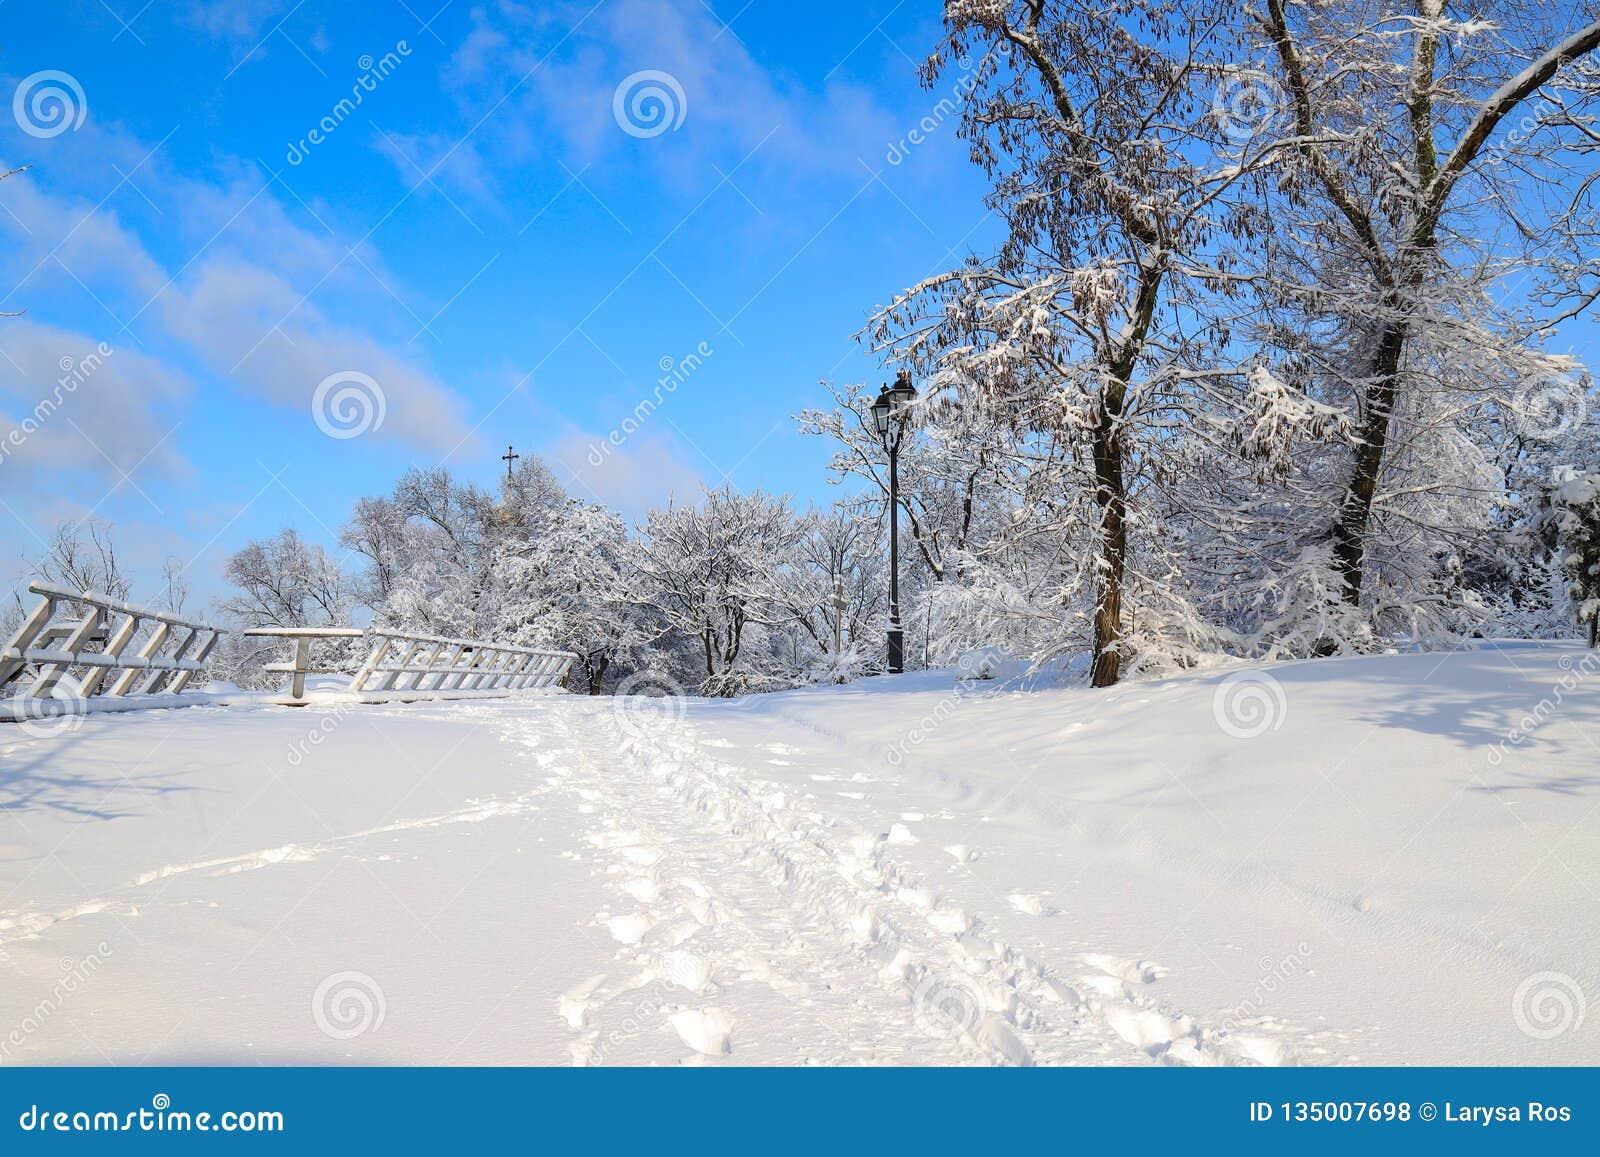 冬天公园美丽如画的风景,报道用雪,与一个美丽的灯笼反对天空